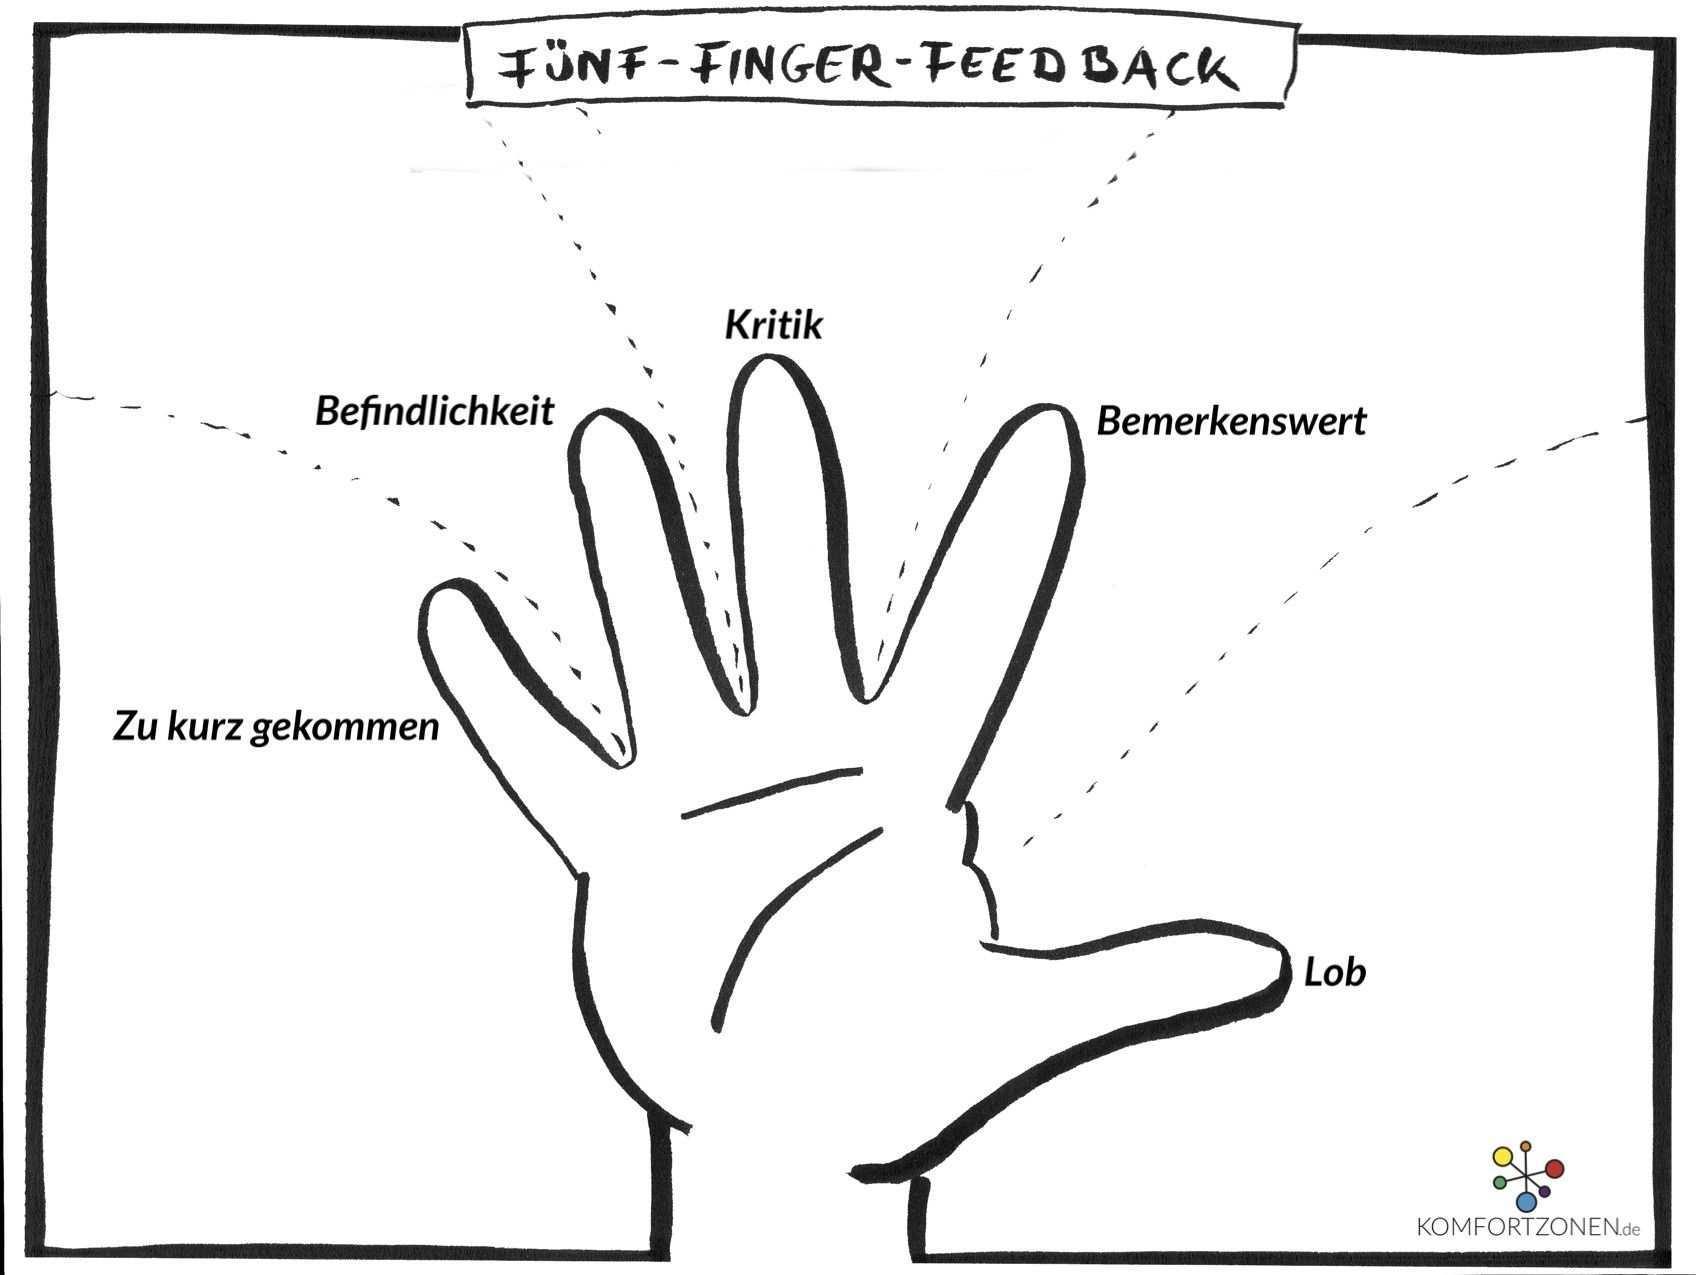 Feedback Geben Kooperatives Lernen Skizze Notizen Menschenfuhrung